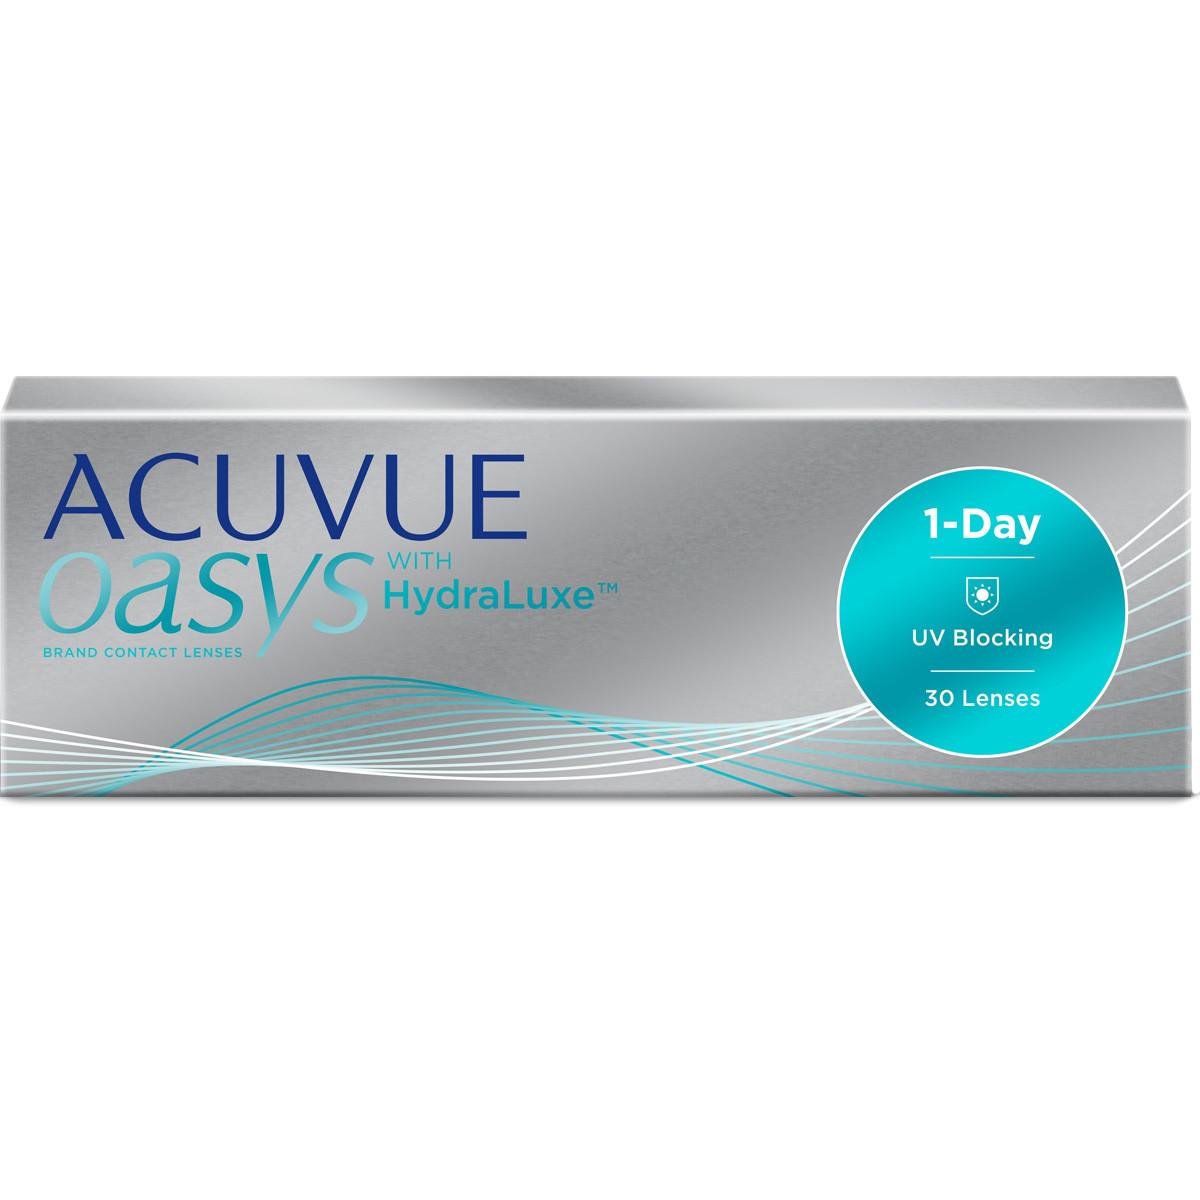 Контактные линзы Acuvue Oasys HydraLuxe, упаковка 30 шт - фото 2